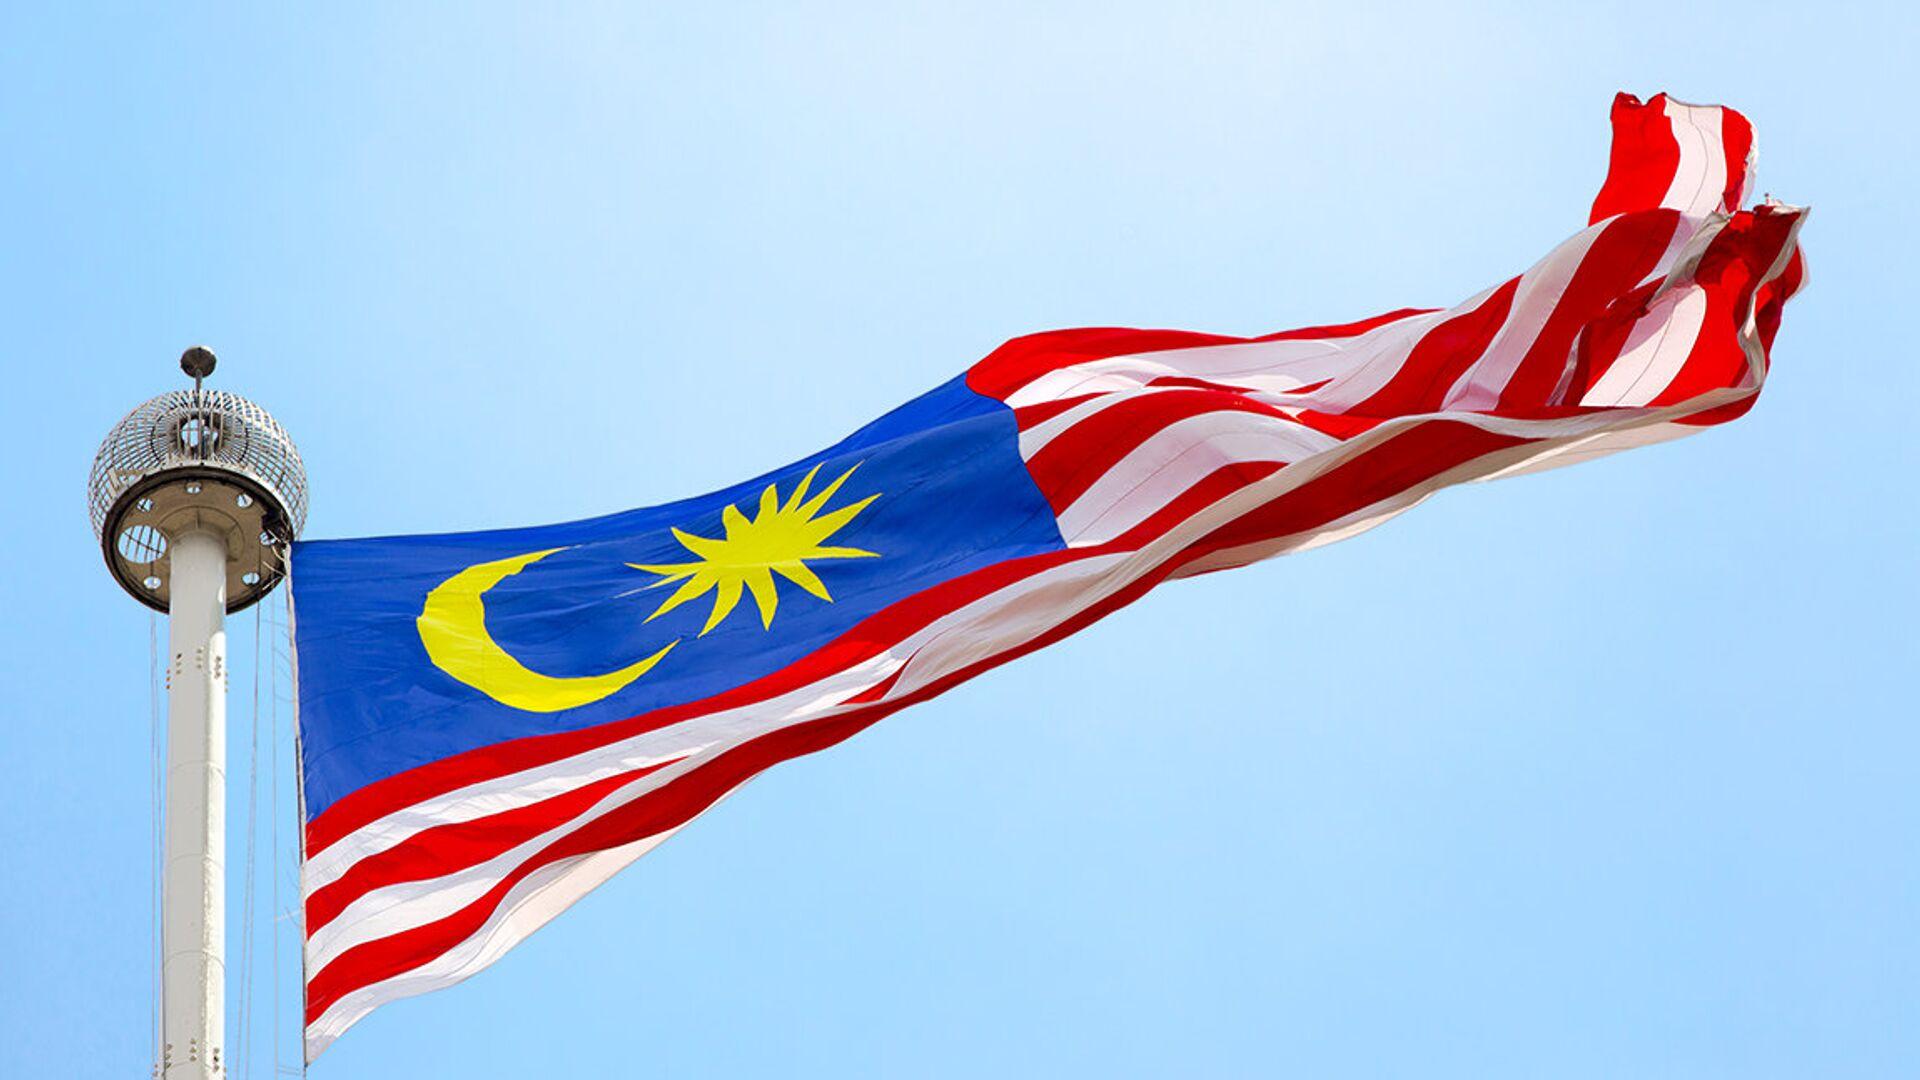 La bandera de Malasia - Sputnik Mundo, 1920, 05.10.2021